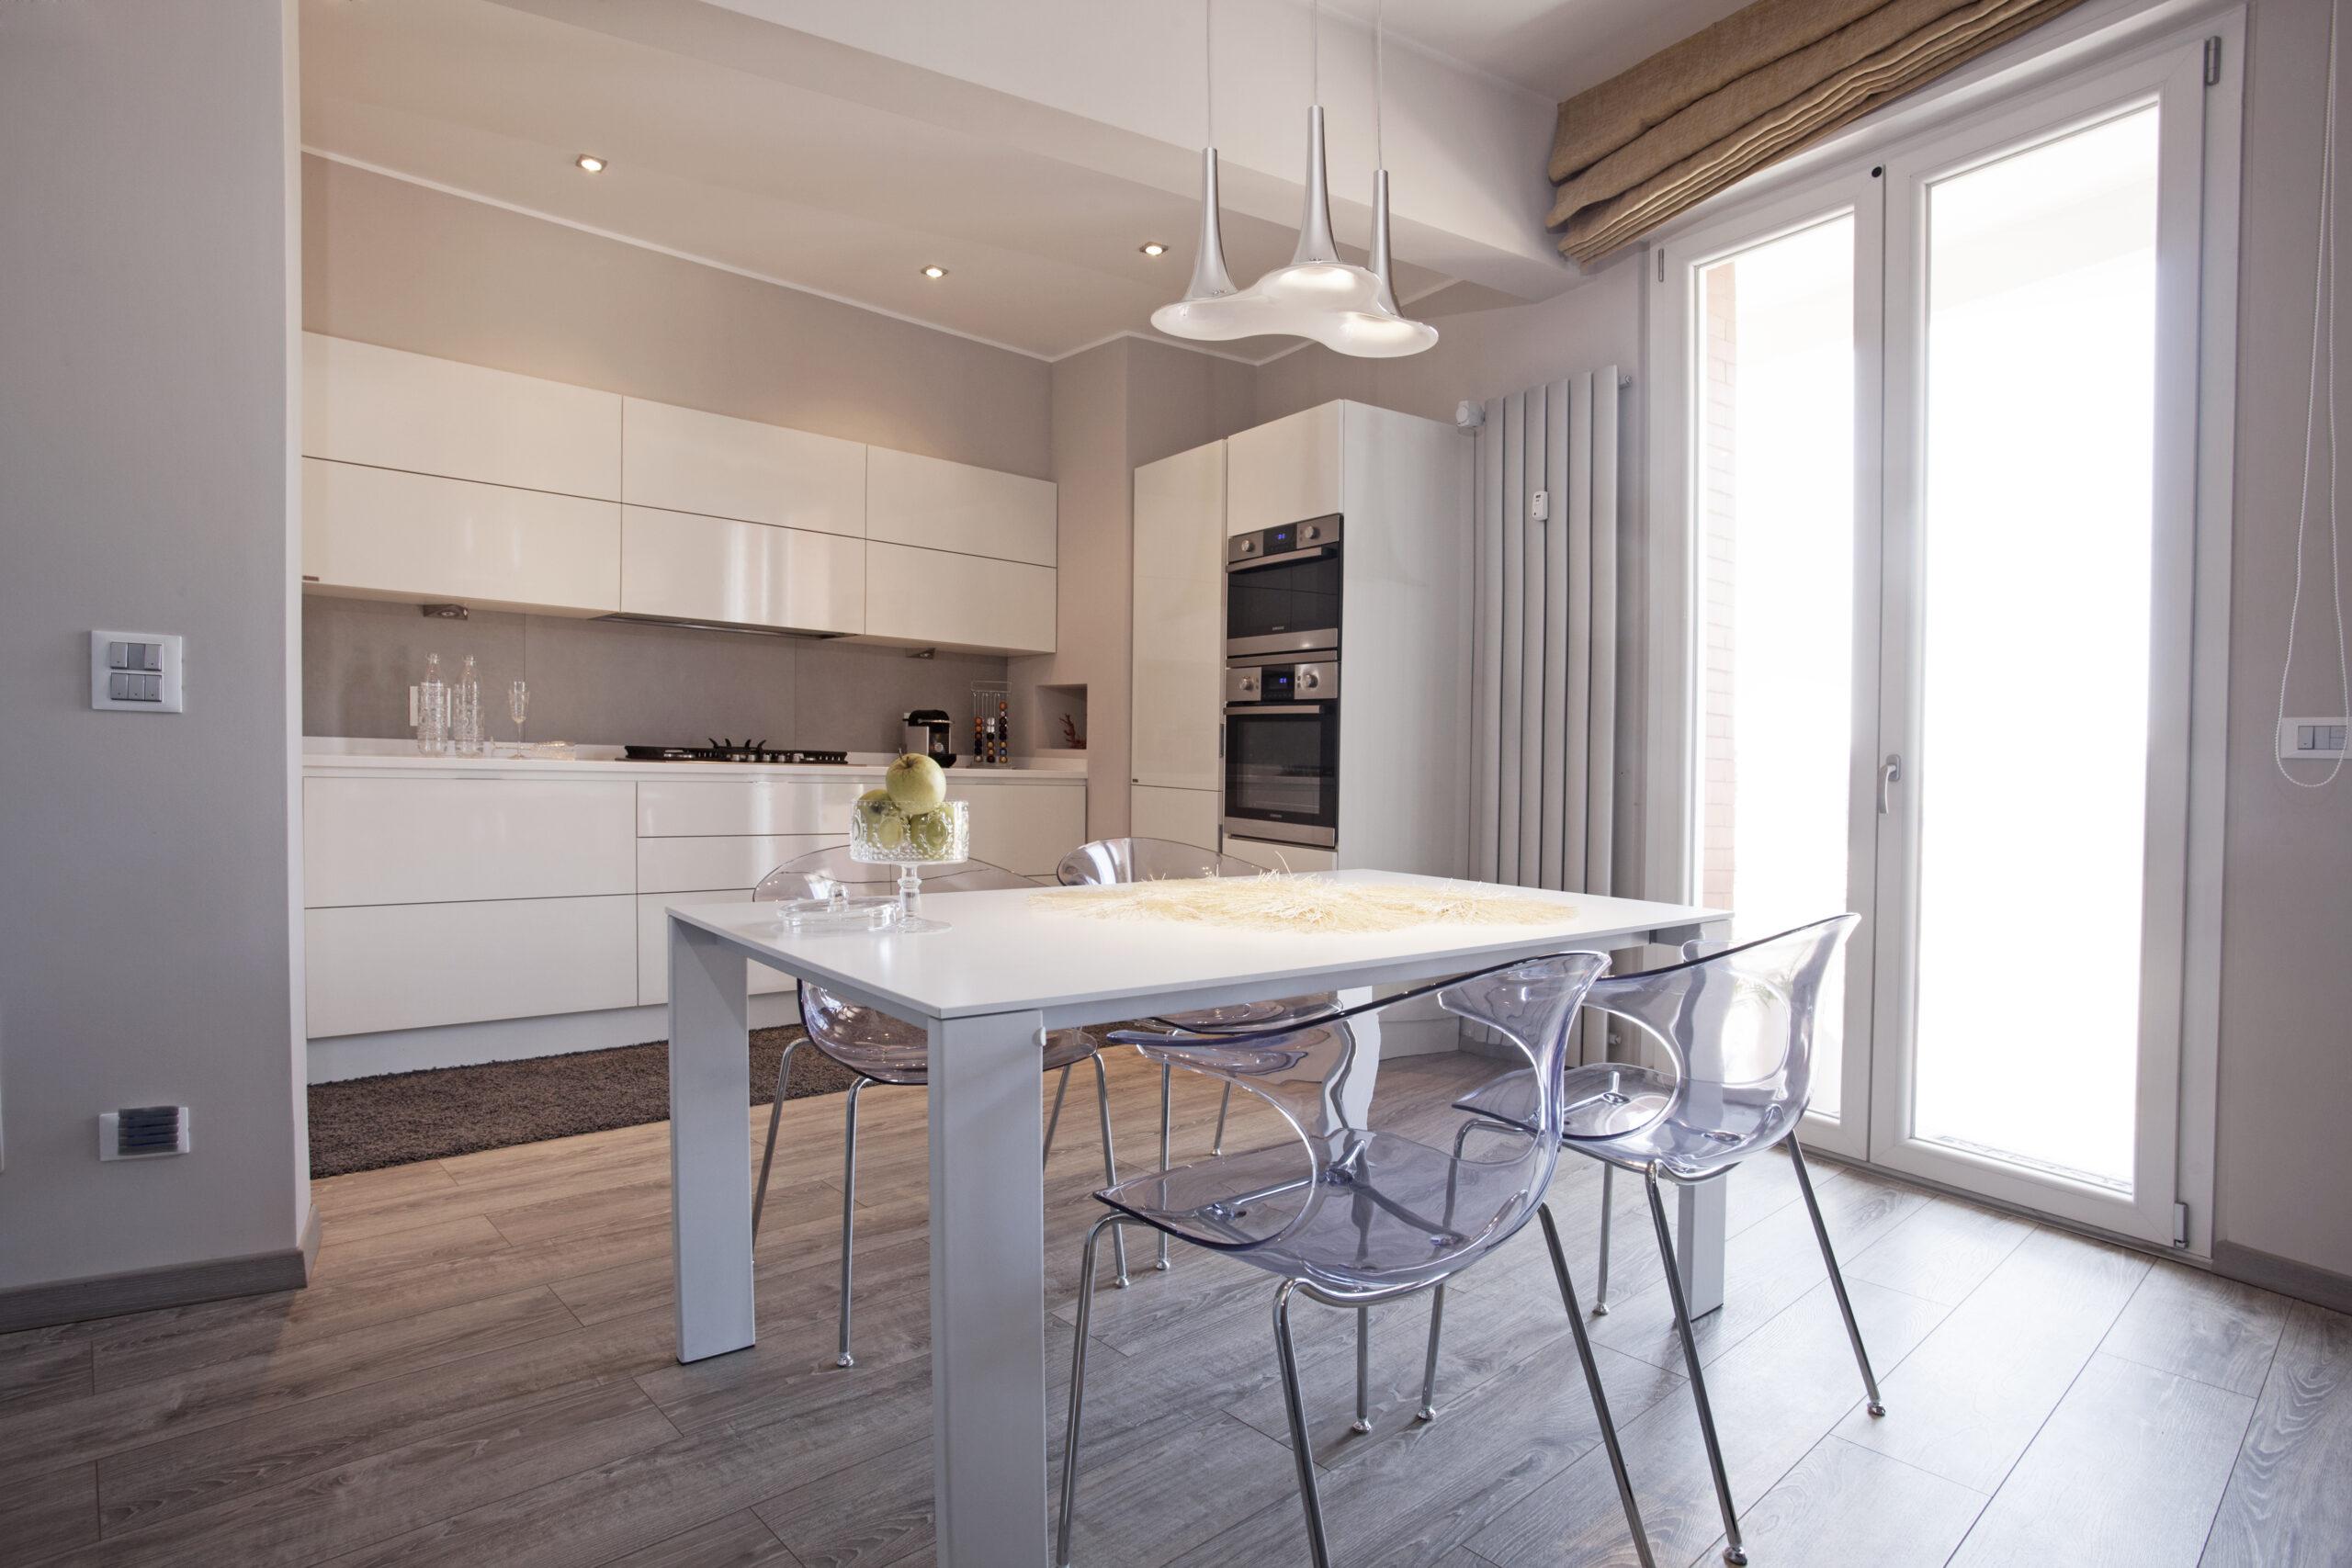 Appartamento privato Piazza Nenni - ALBENGA